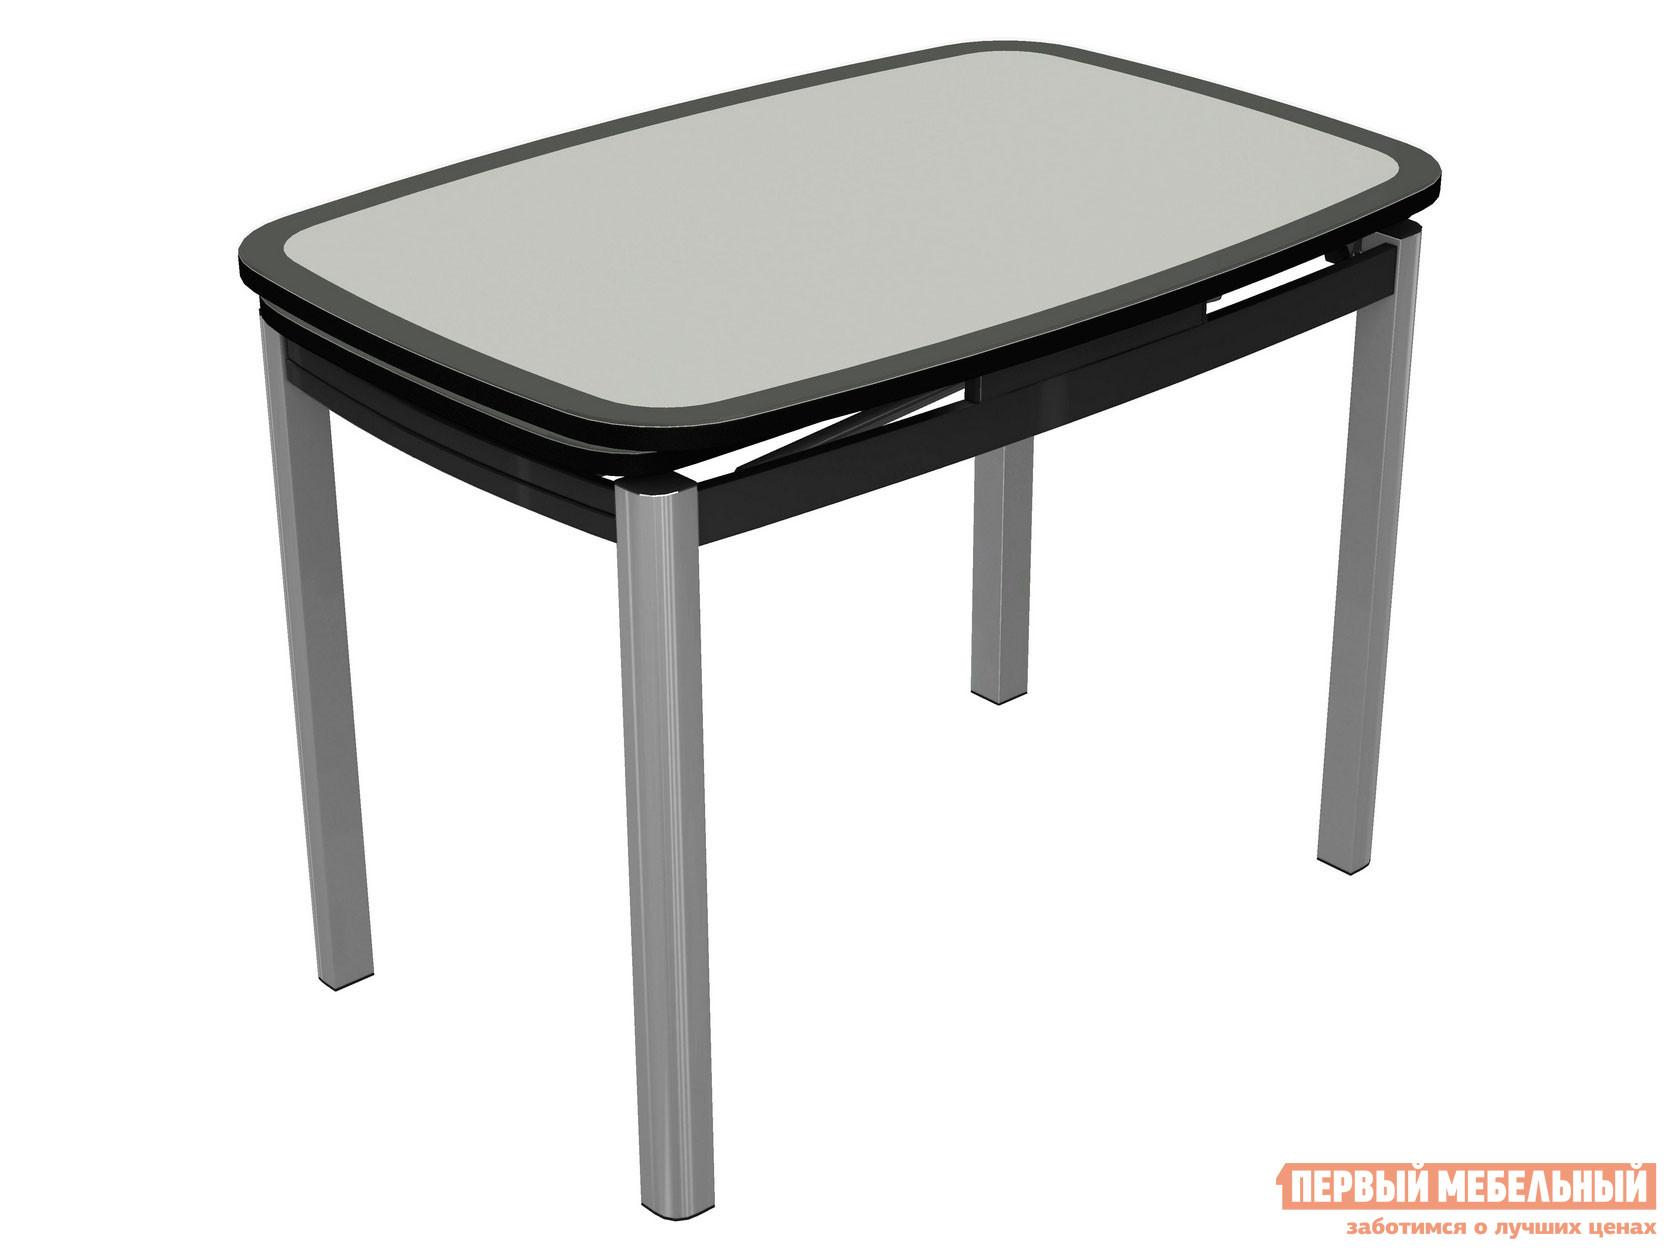 Обеденный стол Линоторг Харбин - Кожа обеденный стол линоторг харбин стекло